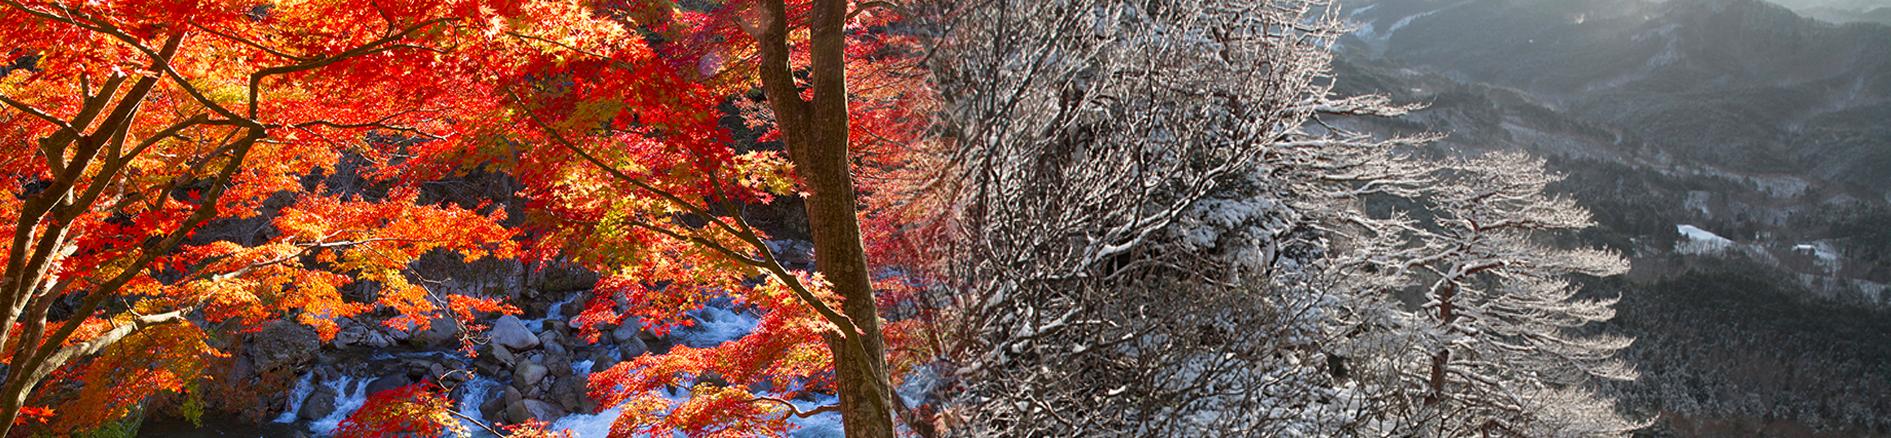 あぶくま里山王国スライドショー画像秋と冬